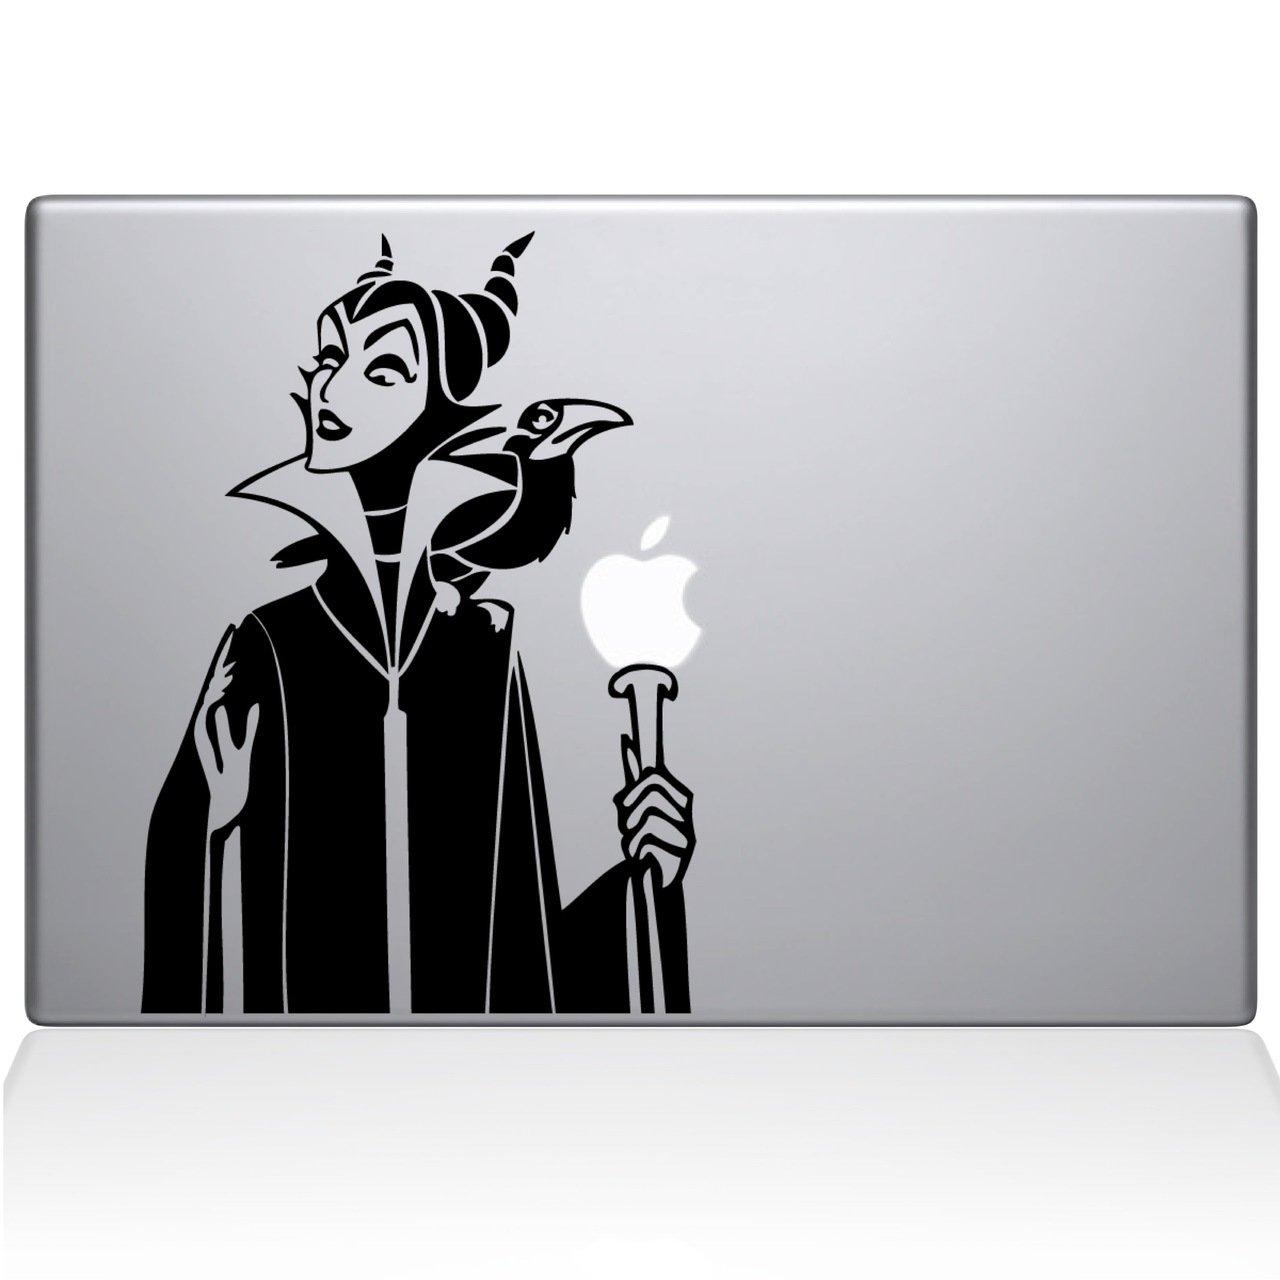 安い購入 Maleficent Sleeping Beauty Macbookデカール ブラック、Die Sleeping Cut Vinyl Decal Cut for Windows車、トラック、ツールボックス、ノートパソコン、ほぼすべてmacbook-ハード、滑らかな表面 ブラック Titans-Unique-Design-118866-Black ブラック B07239NDCH, フクチムラ:7b5d66b5 --- kickit.co.ke